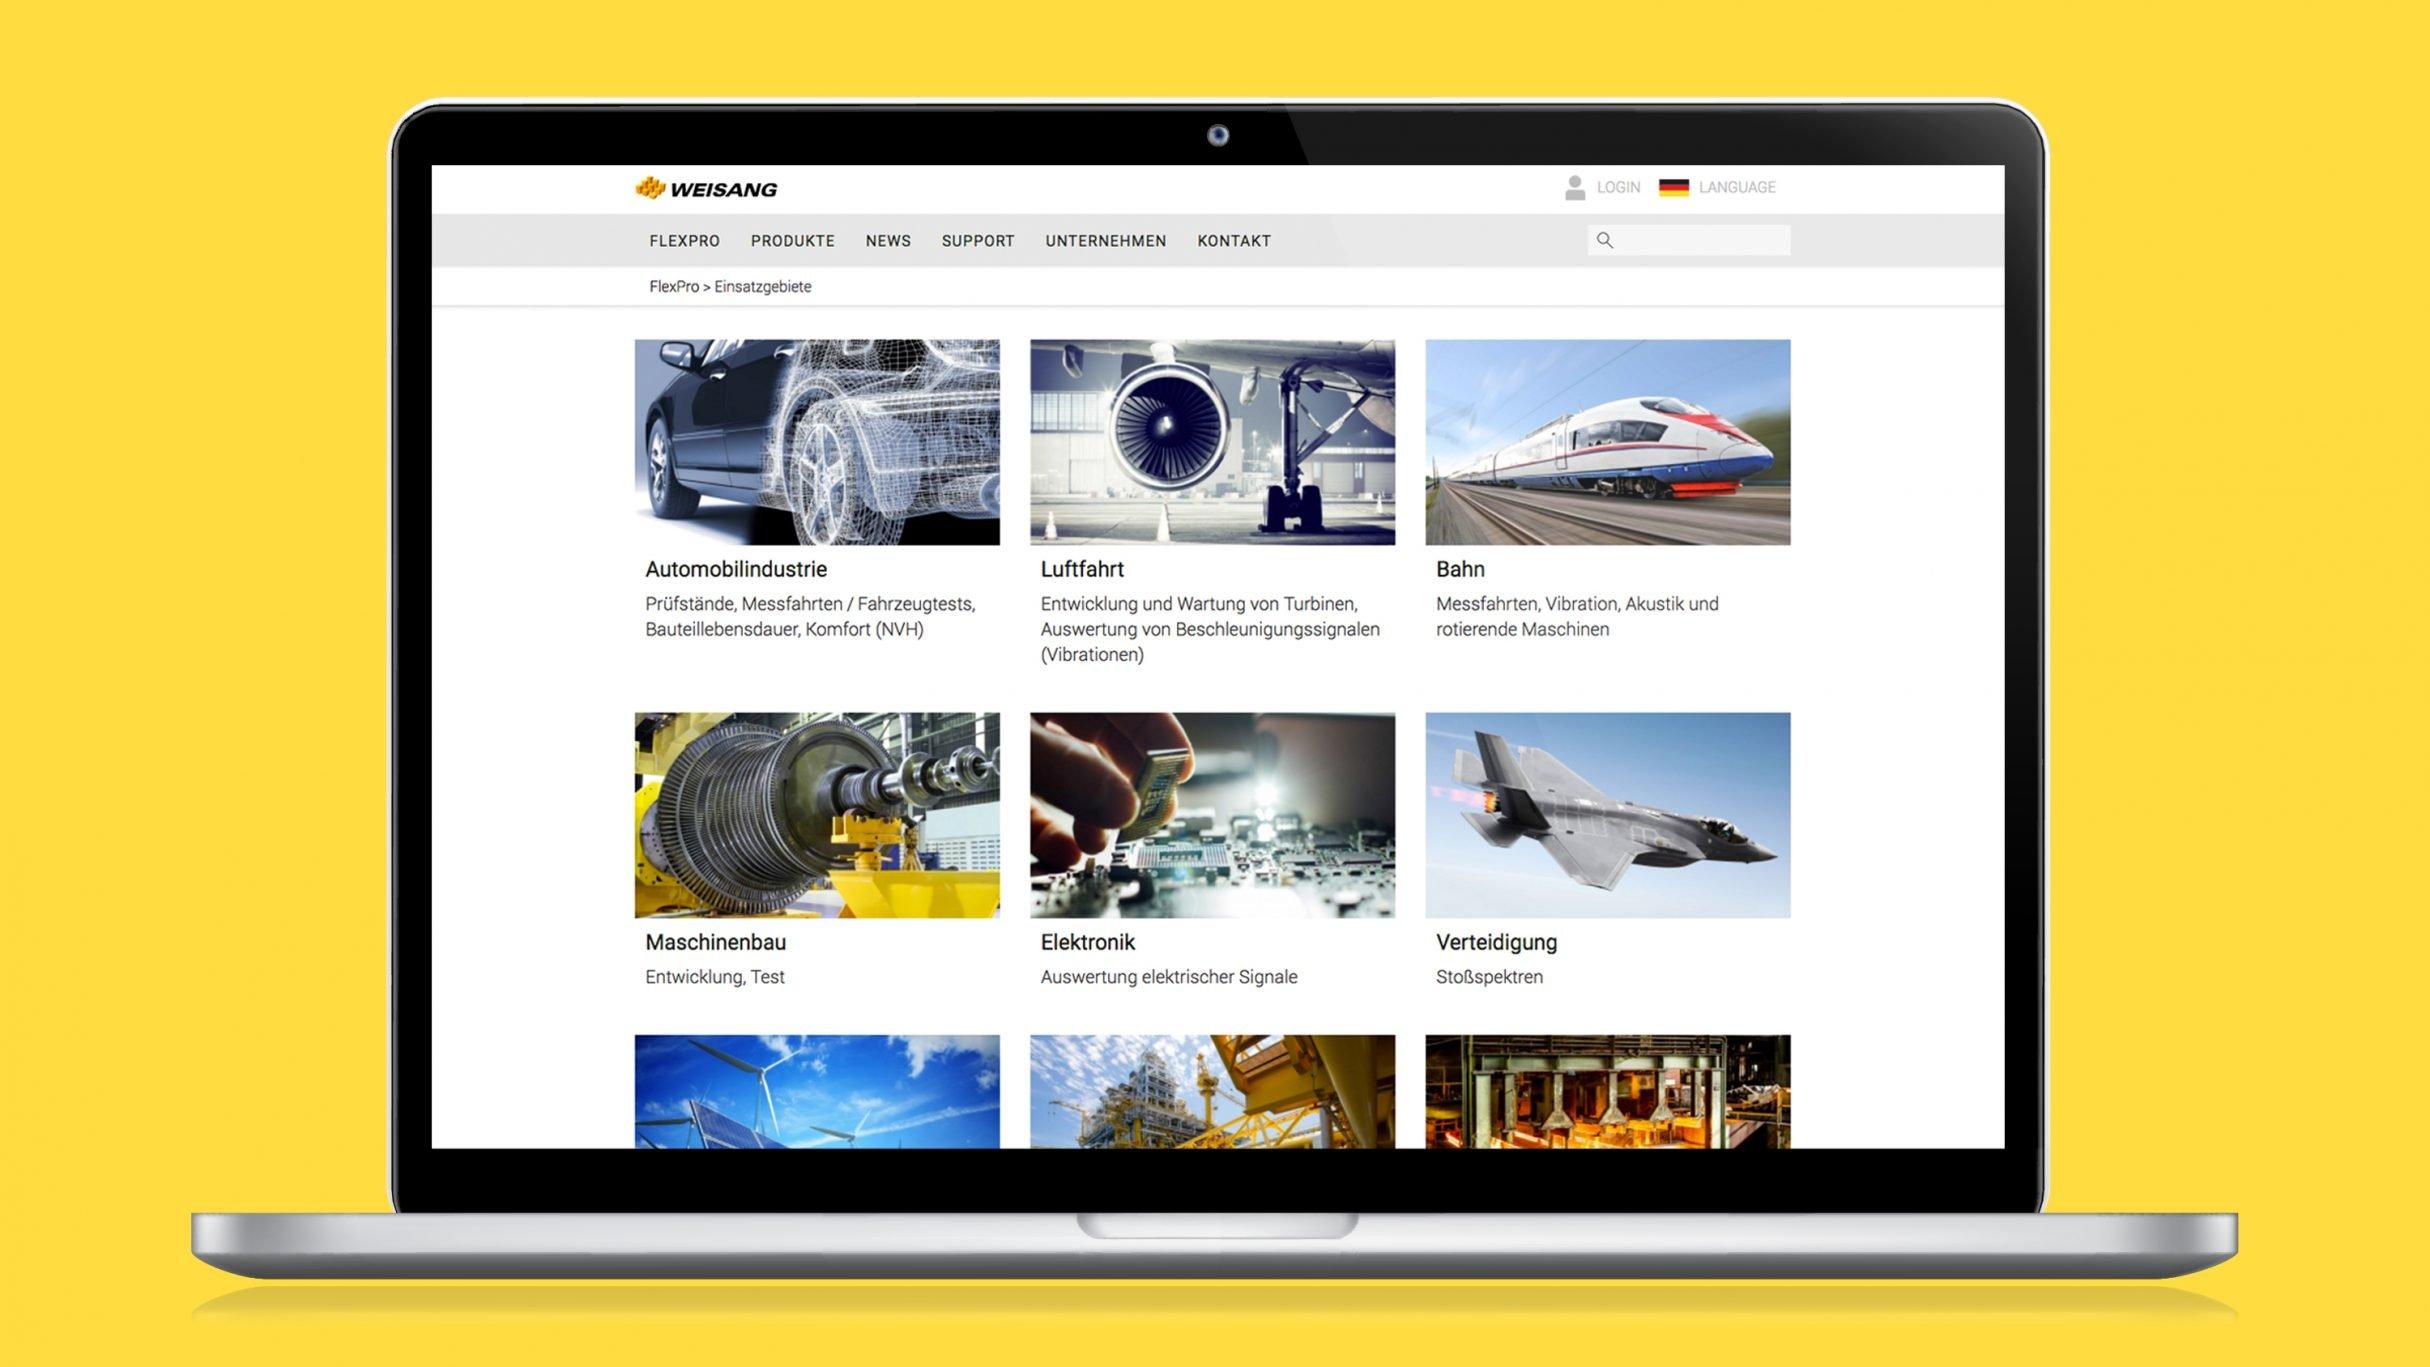 Responsive Webdesign, FlexPro Software Download für Weisang: DIE NEUDENKER® Agentur, Darmstadt